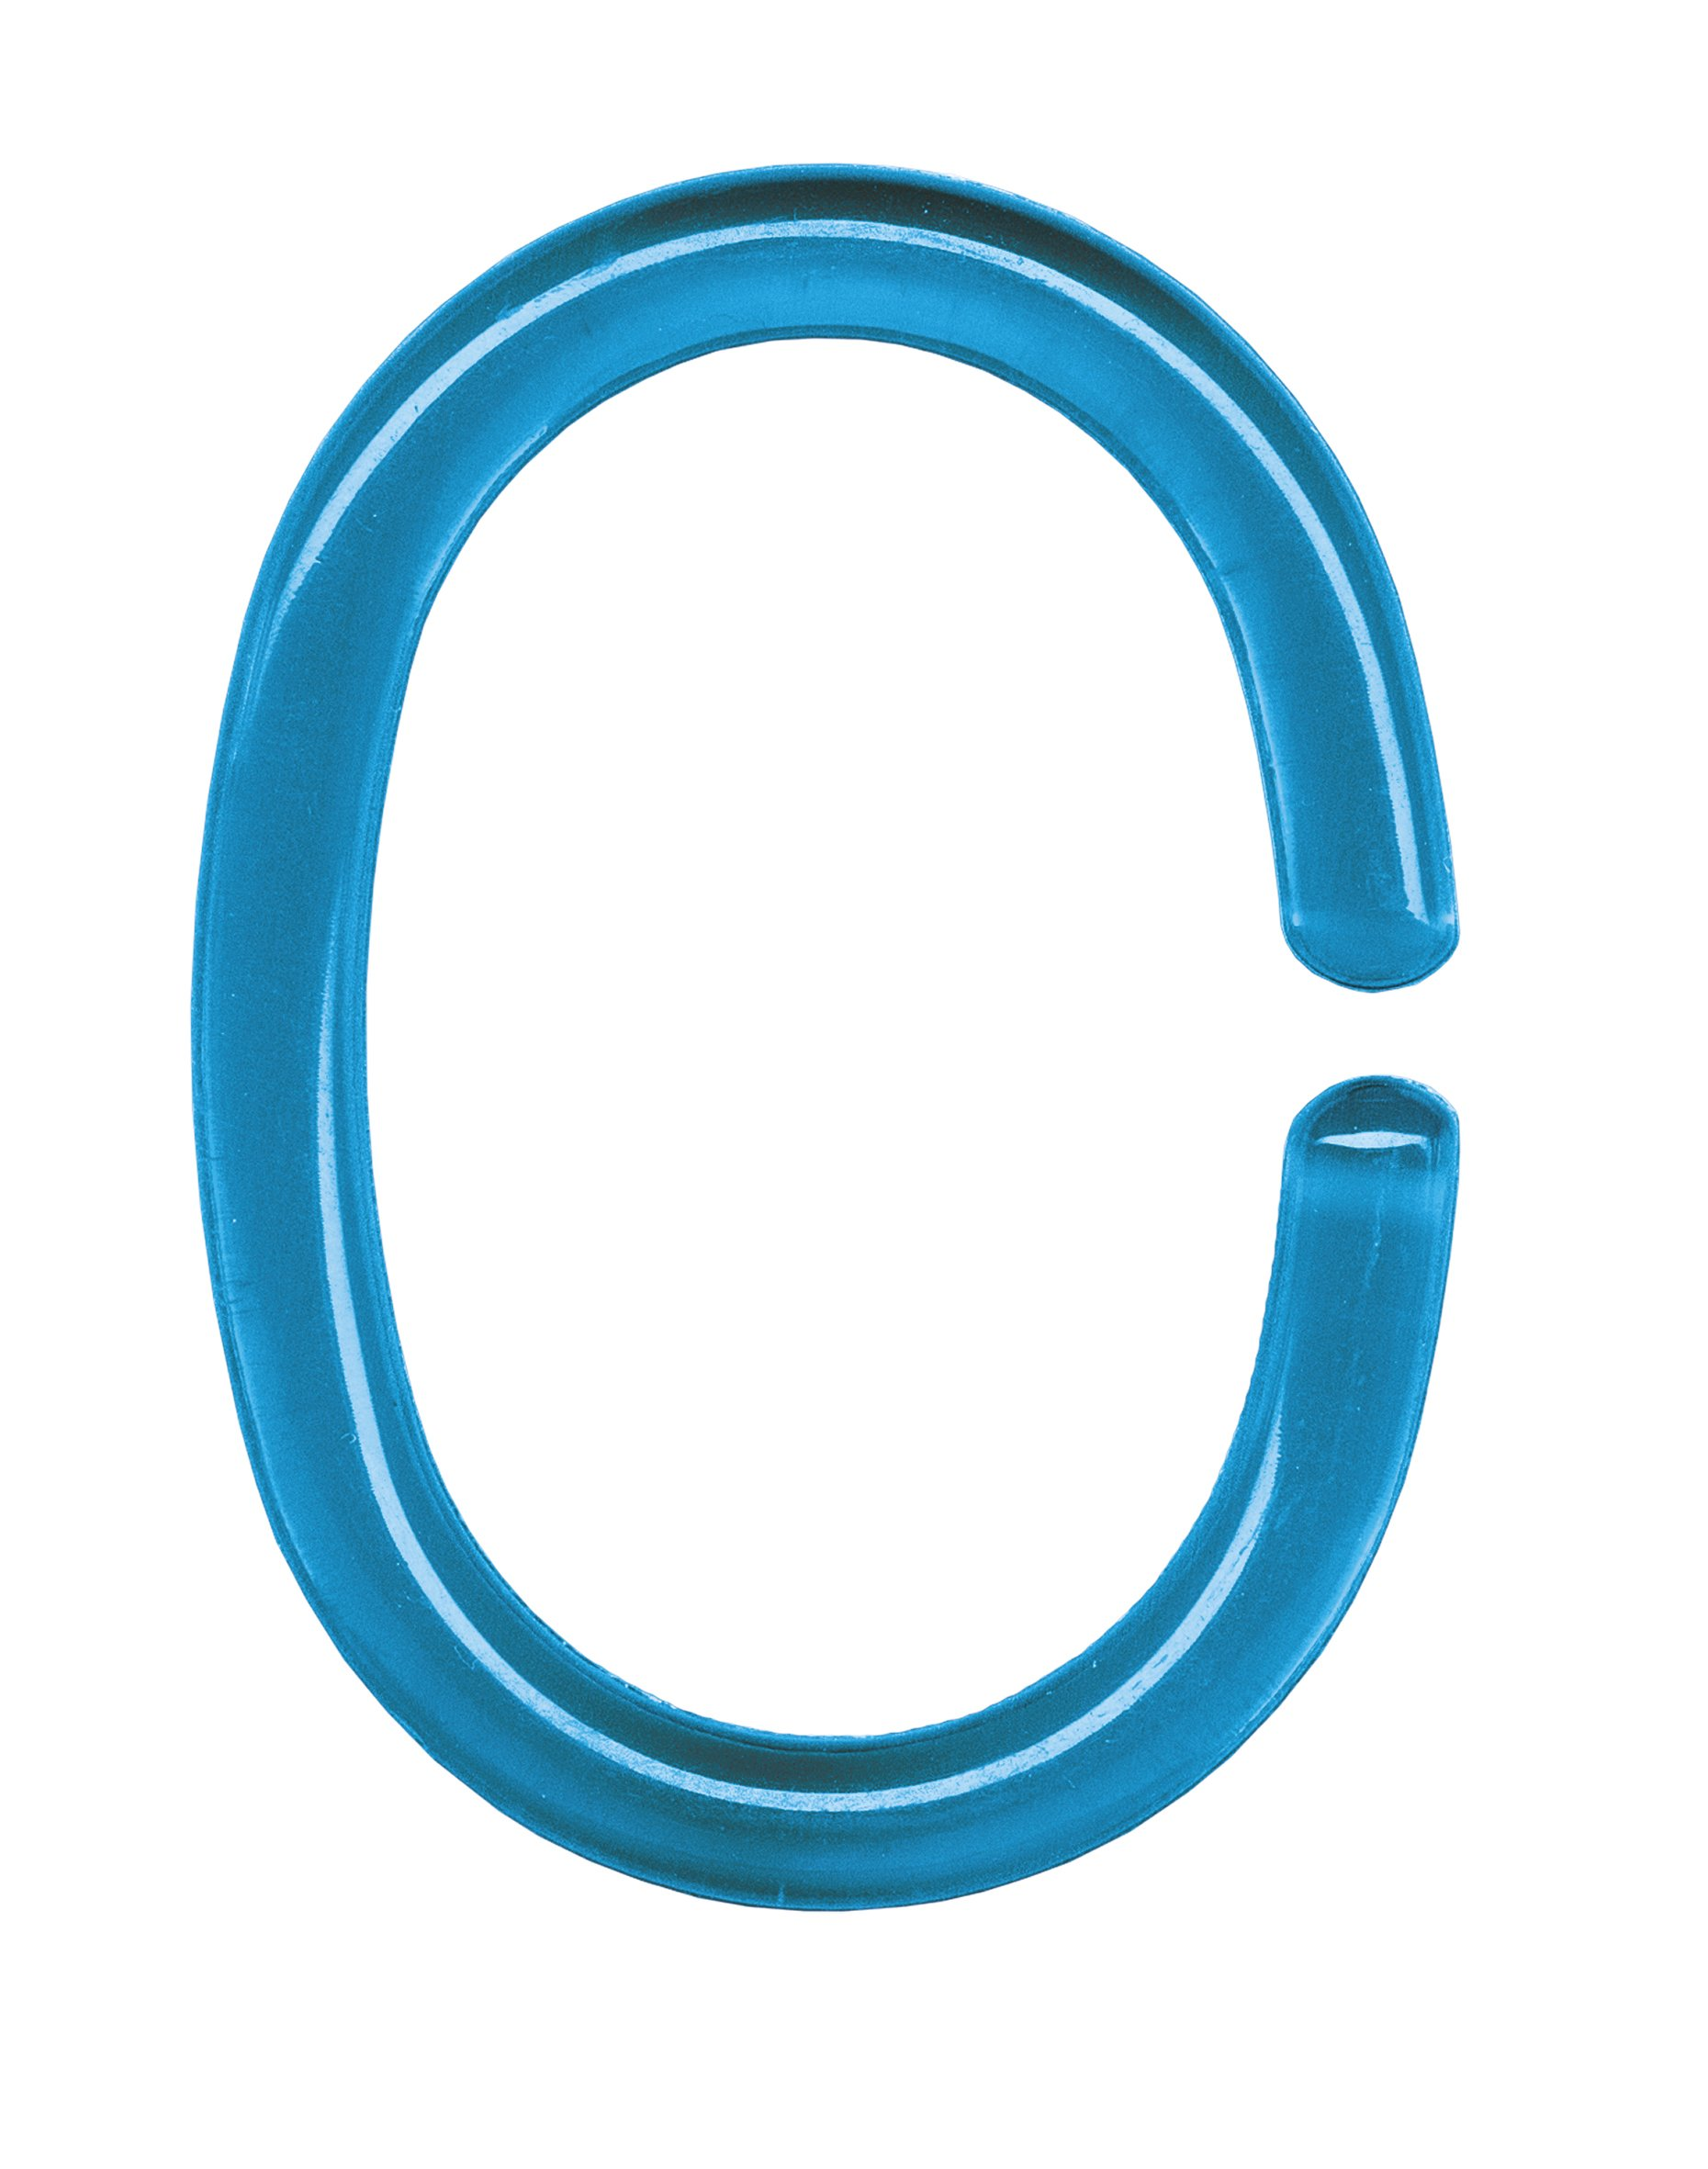 DV-Ringe DV-Ringe Türkis B:4,3cm